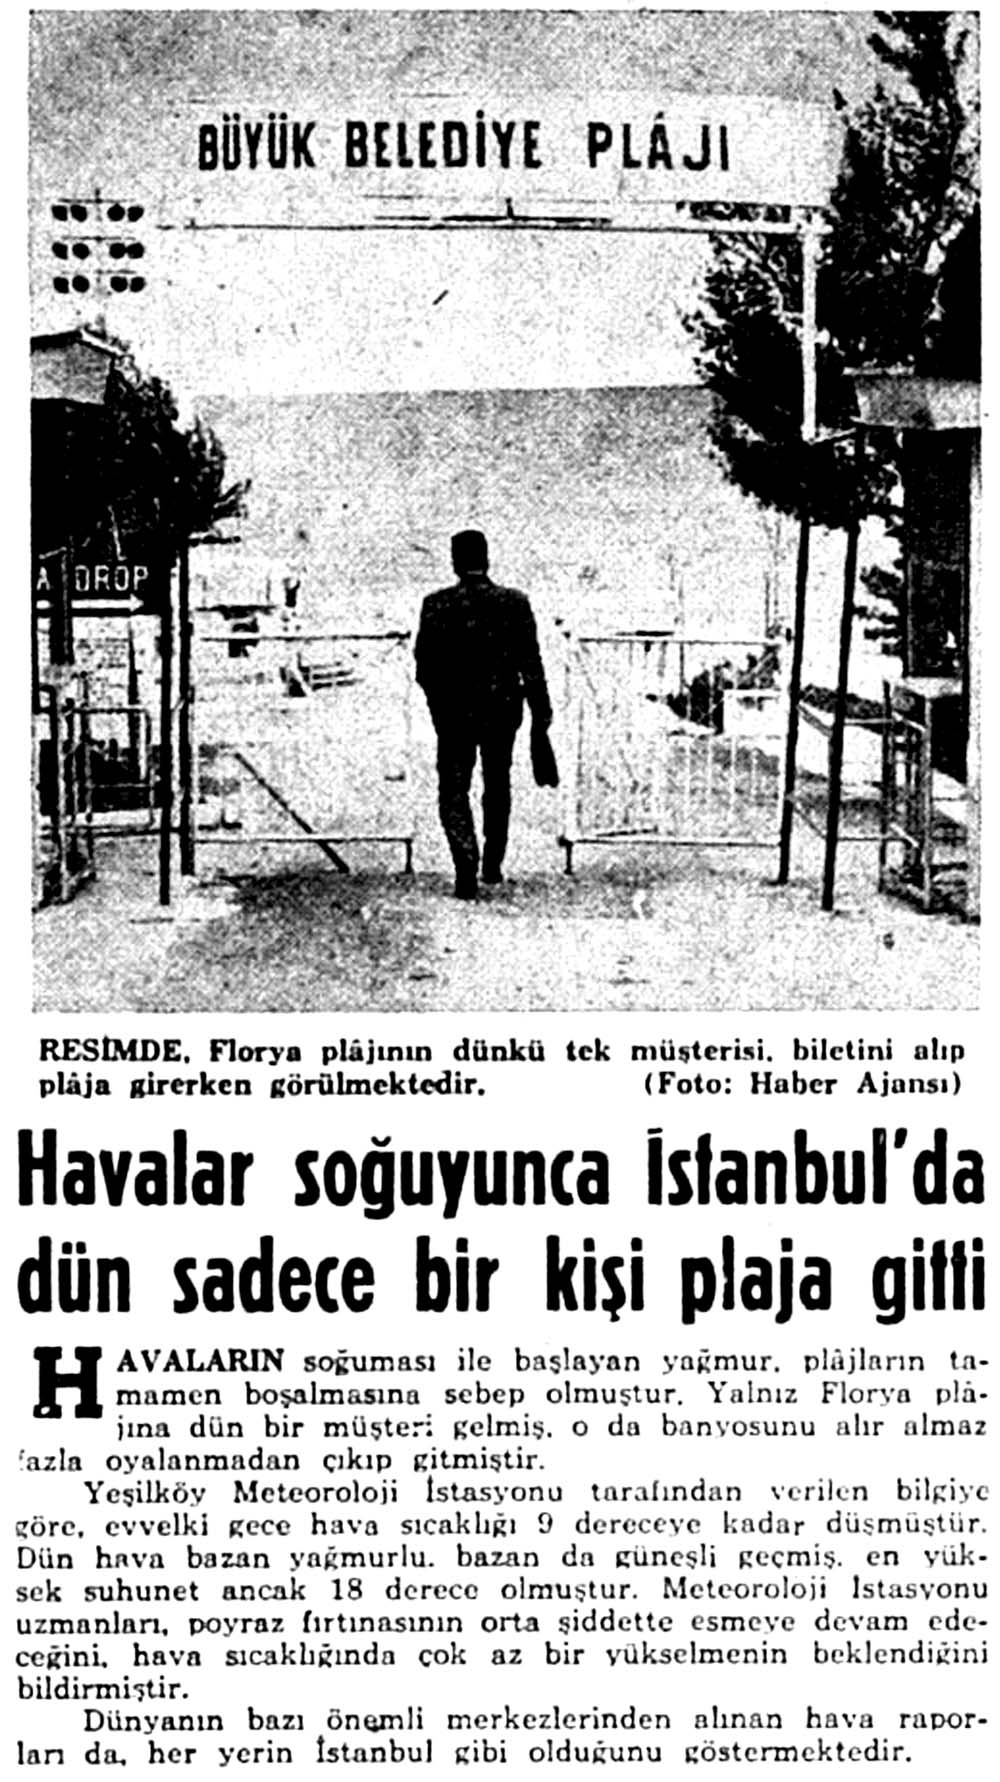 Havalar soğuyunca İstanbul'da dün sadece bir kişi plaja gitti